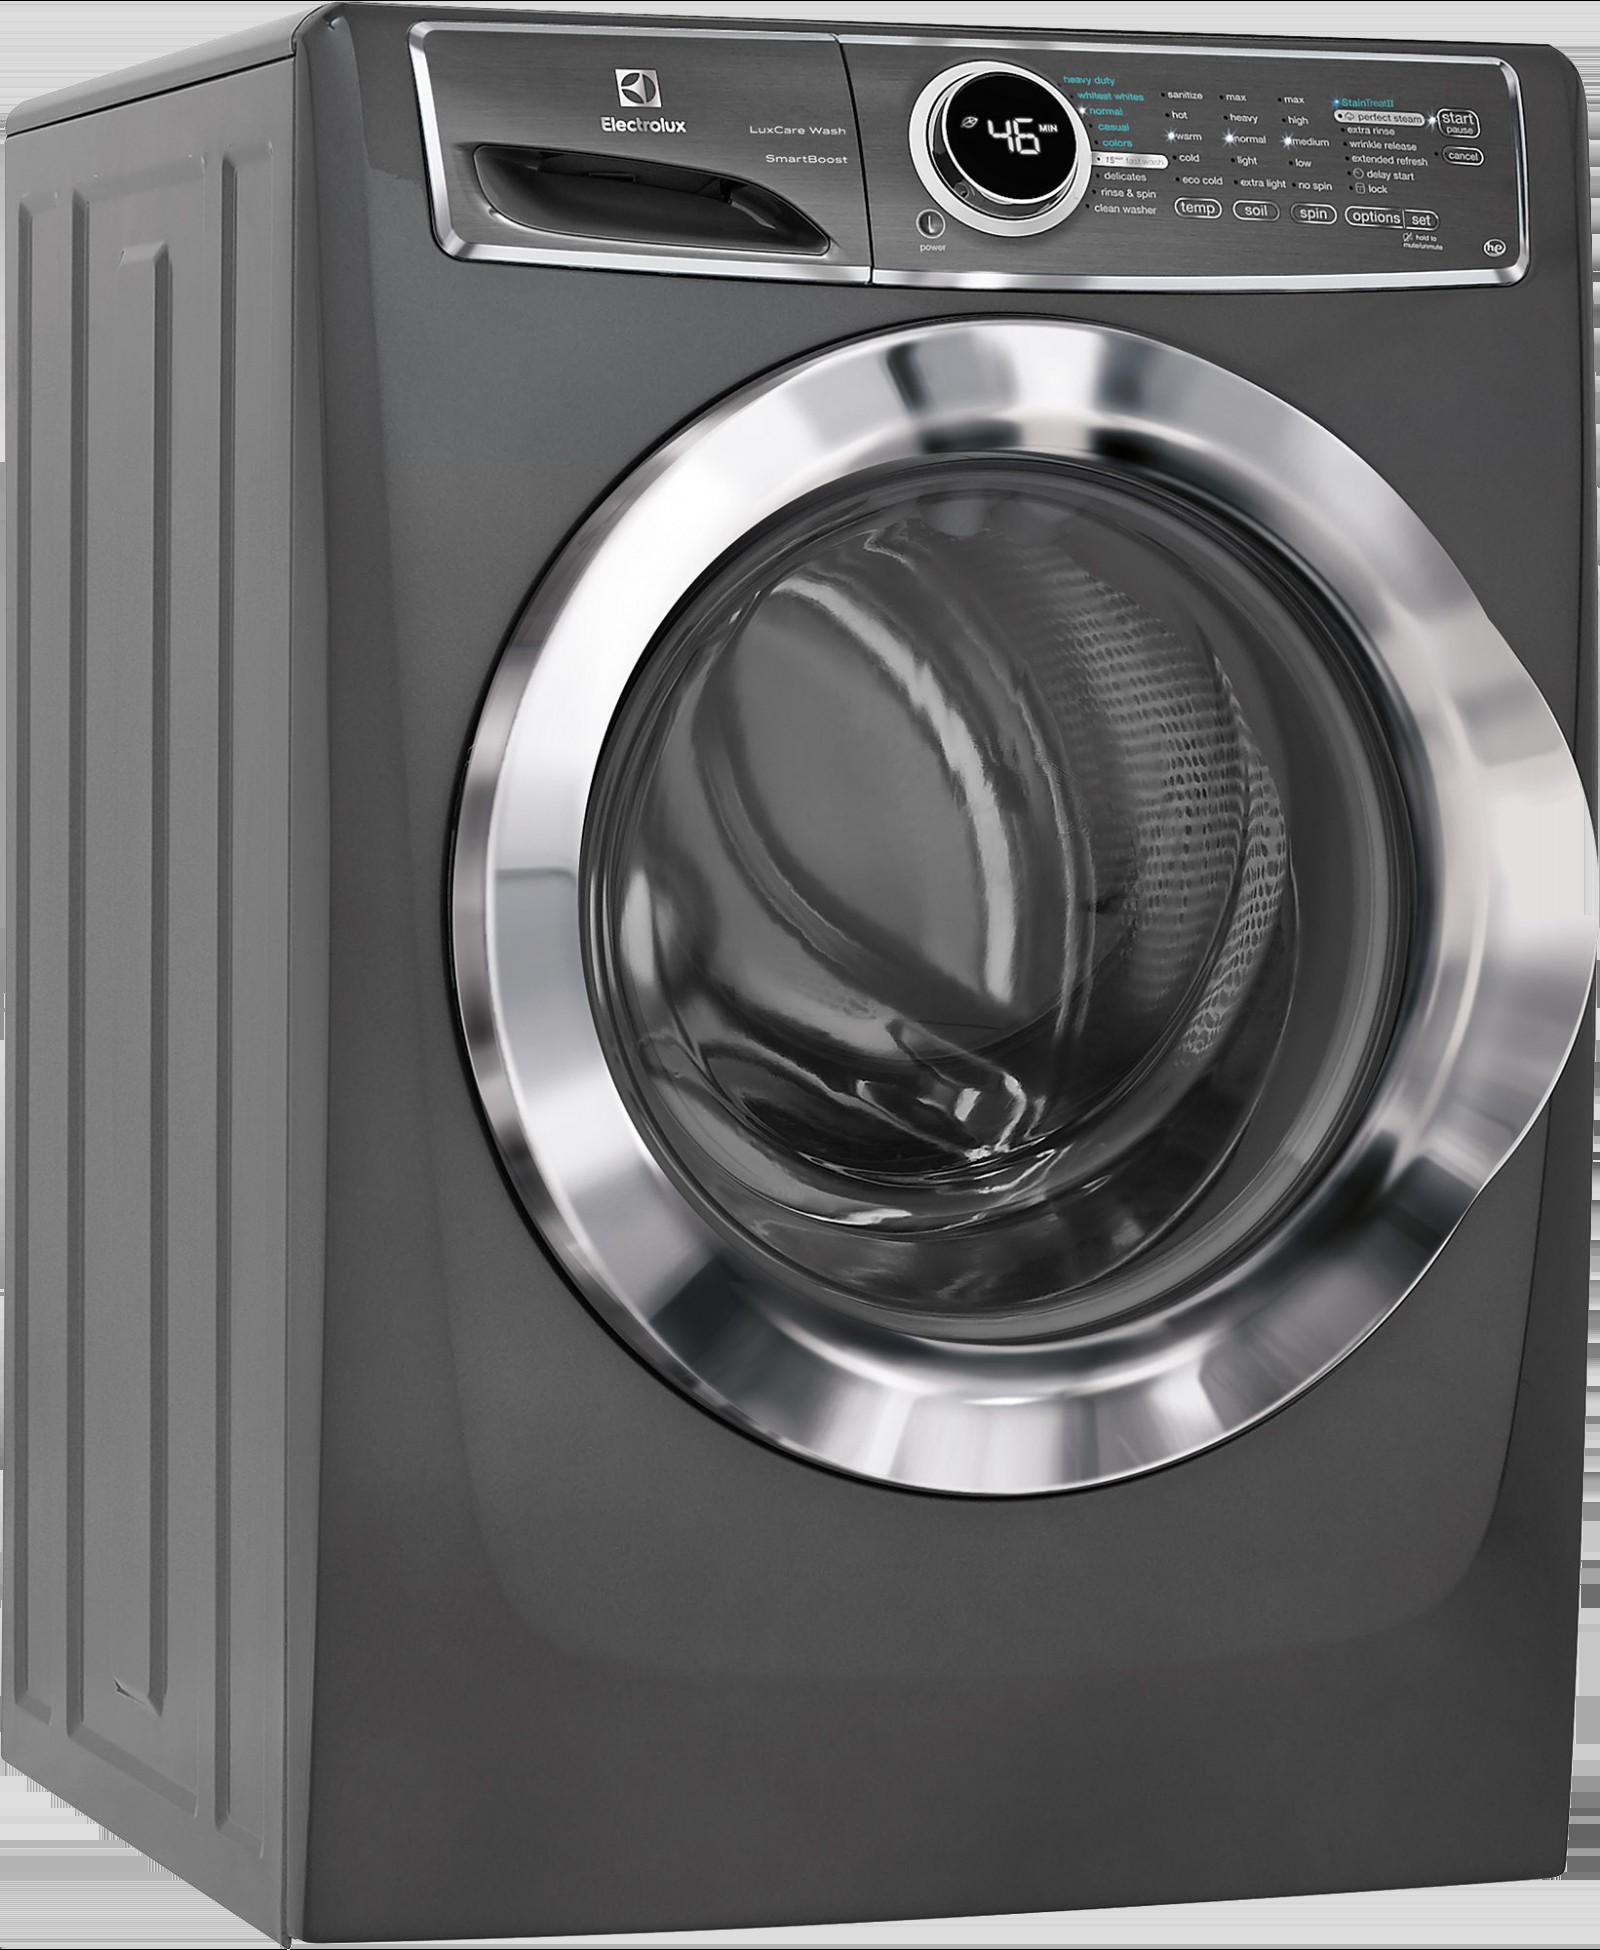 Сервисный центр стиральных машин electrolux Театральная сервисный центр стиральных машин bosch Арбатская площадь